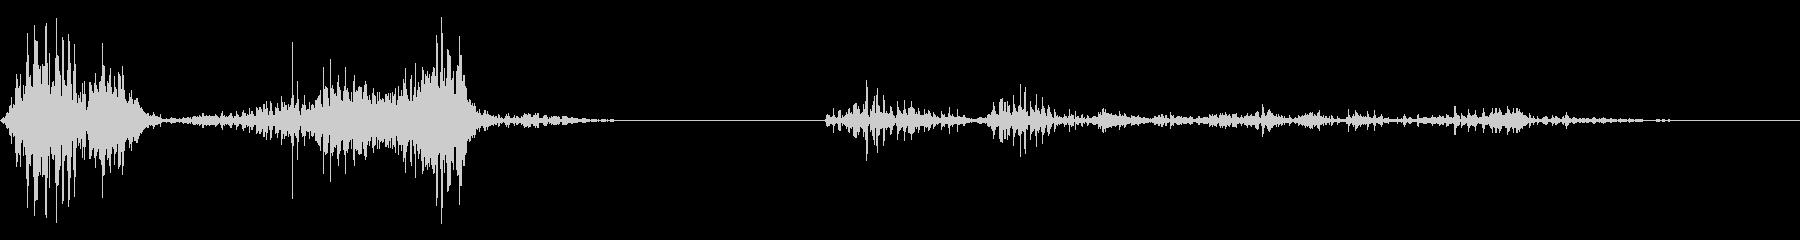 ガオー(猛獣の声)の未再生の波形